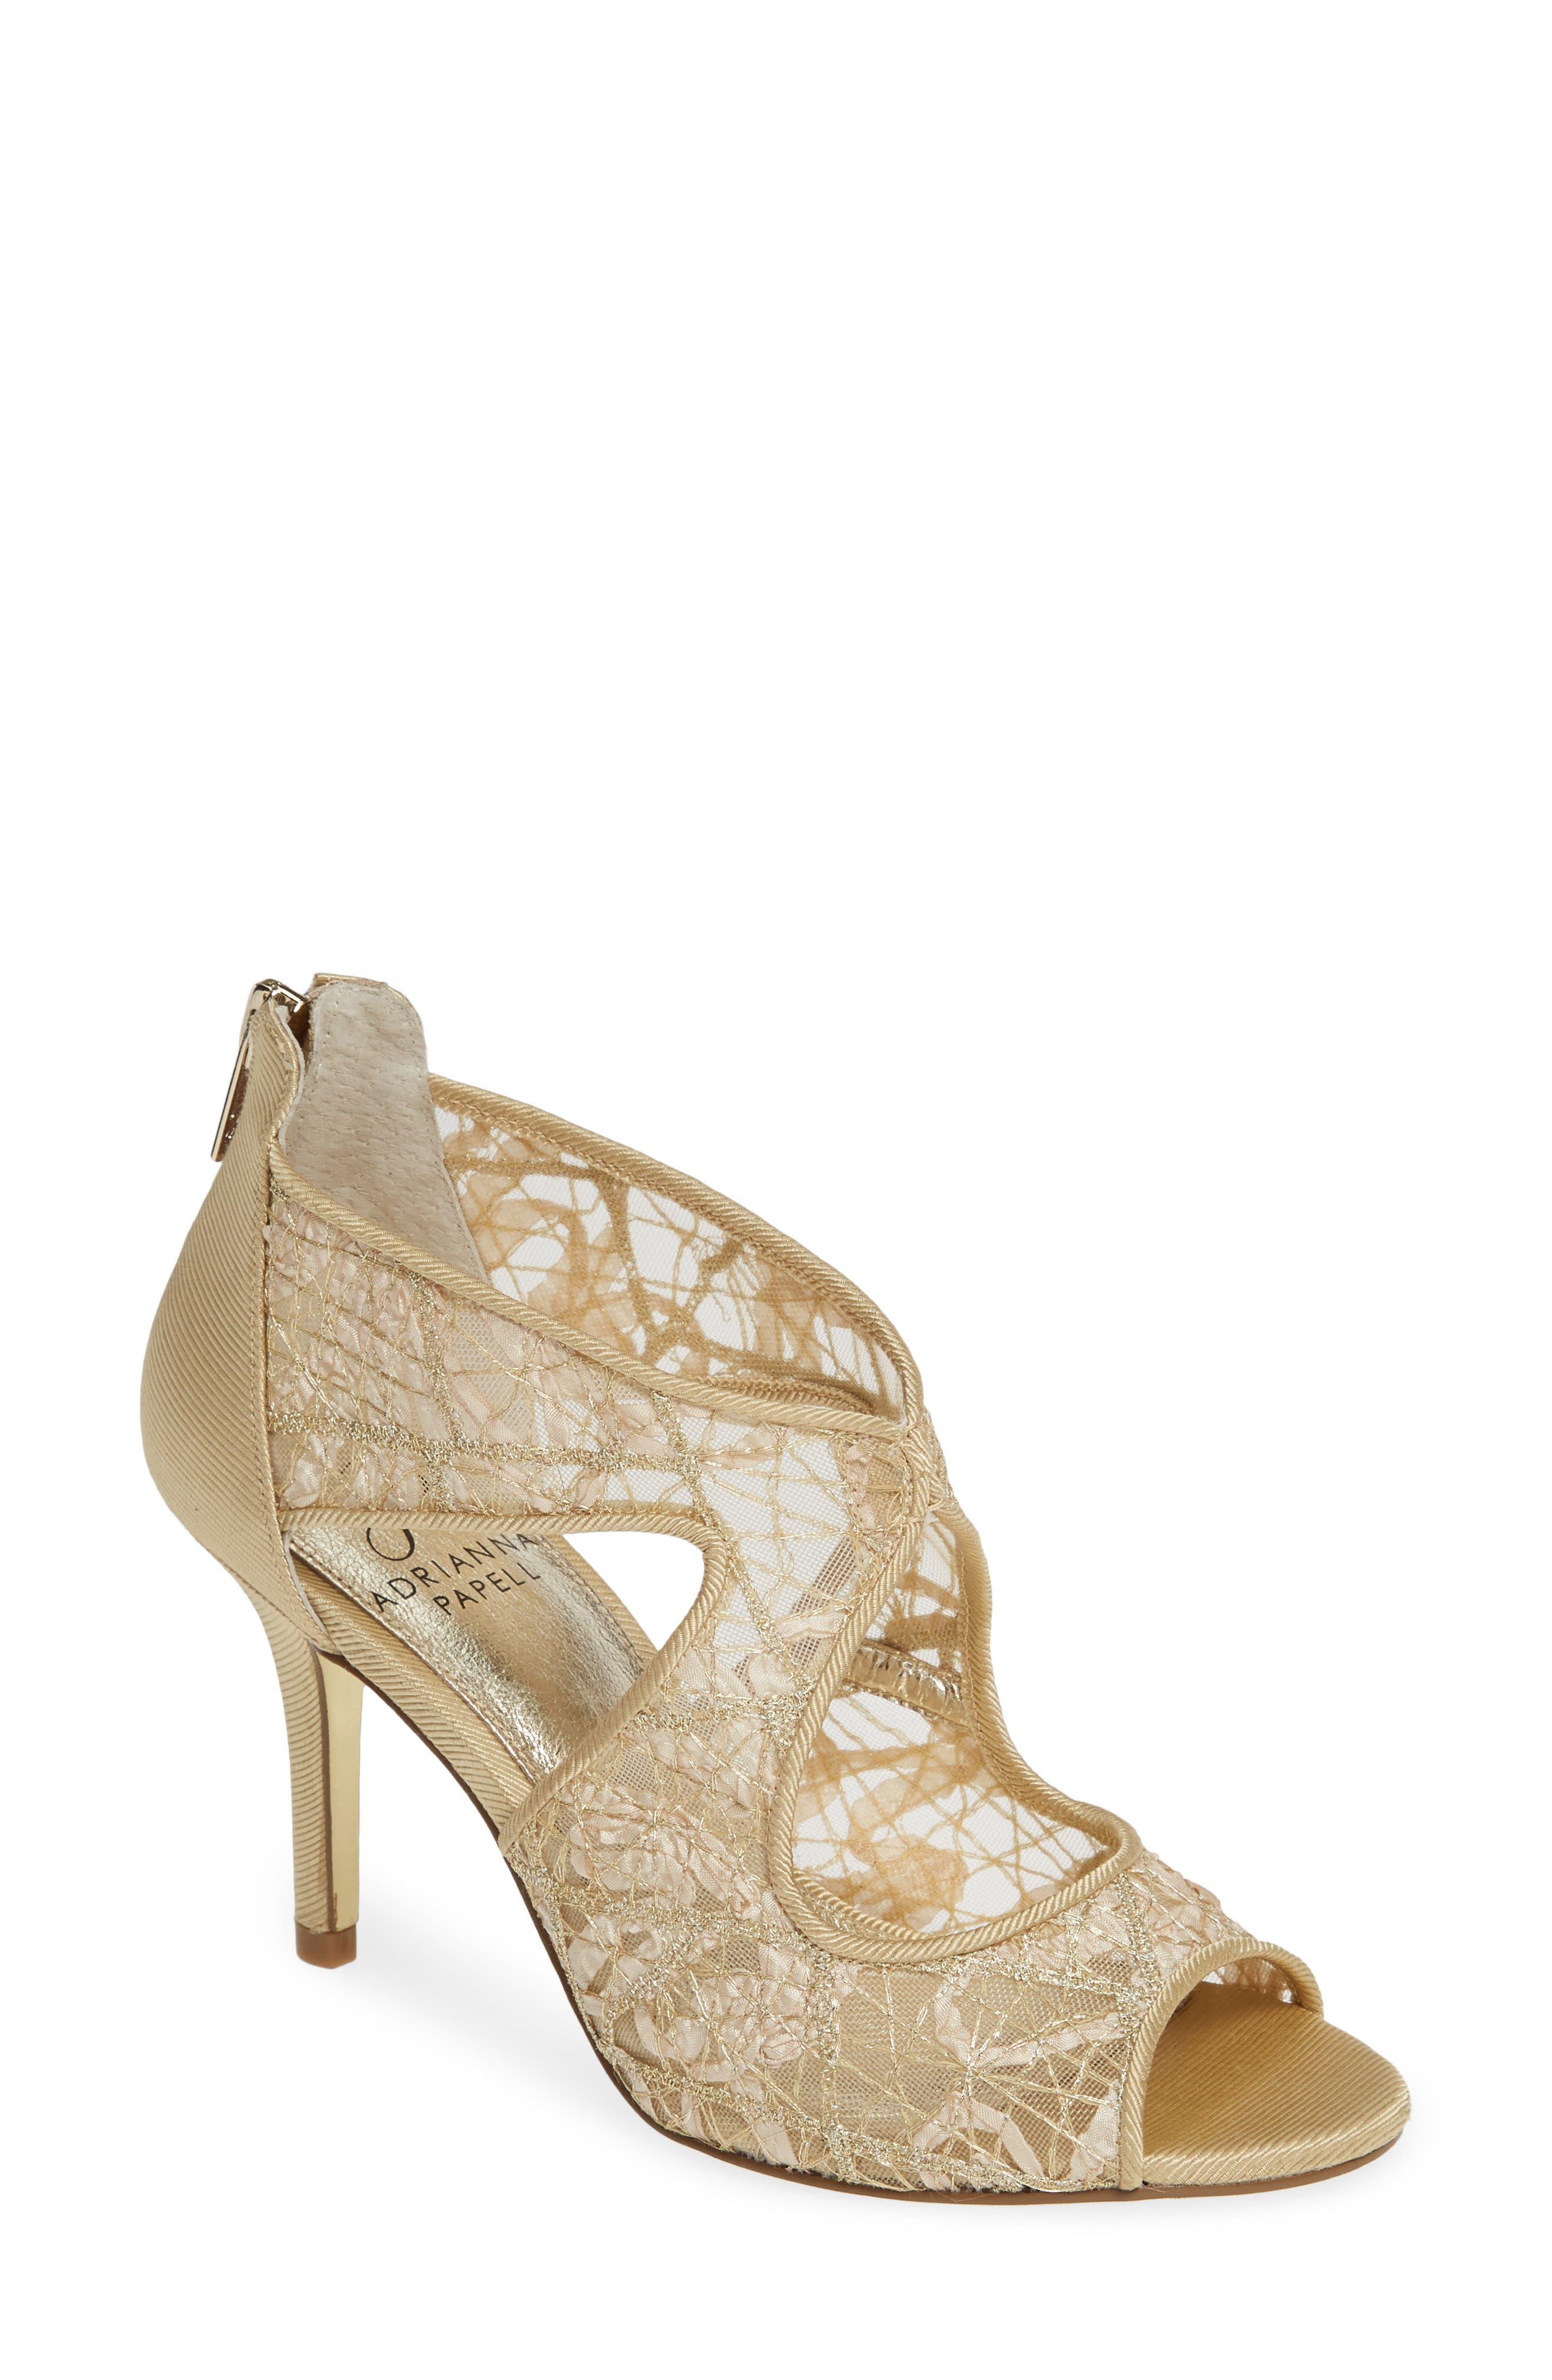 Adrianna Papell Arissa Lace Sandal, Metallic